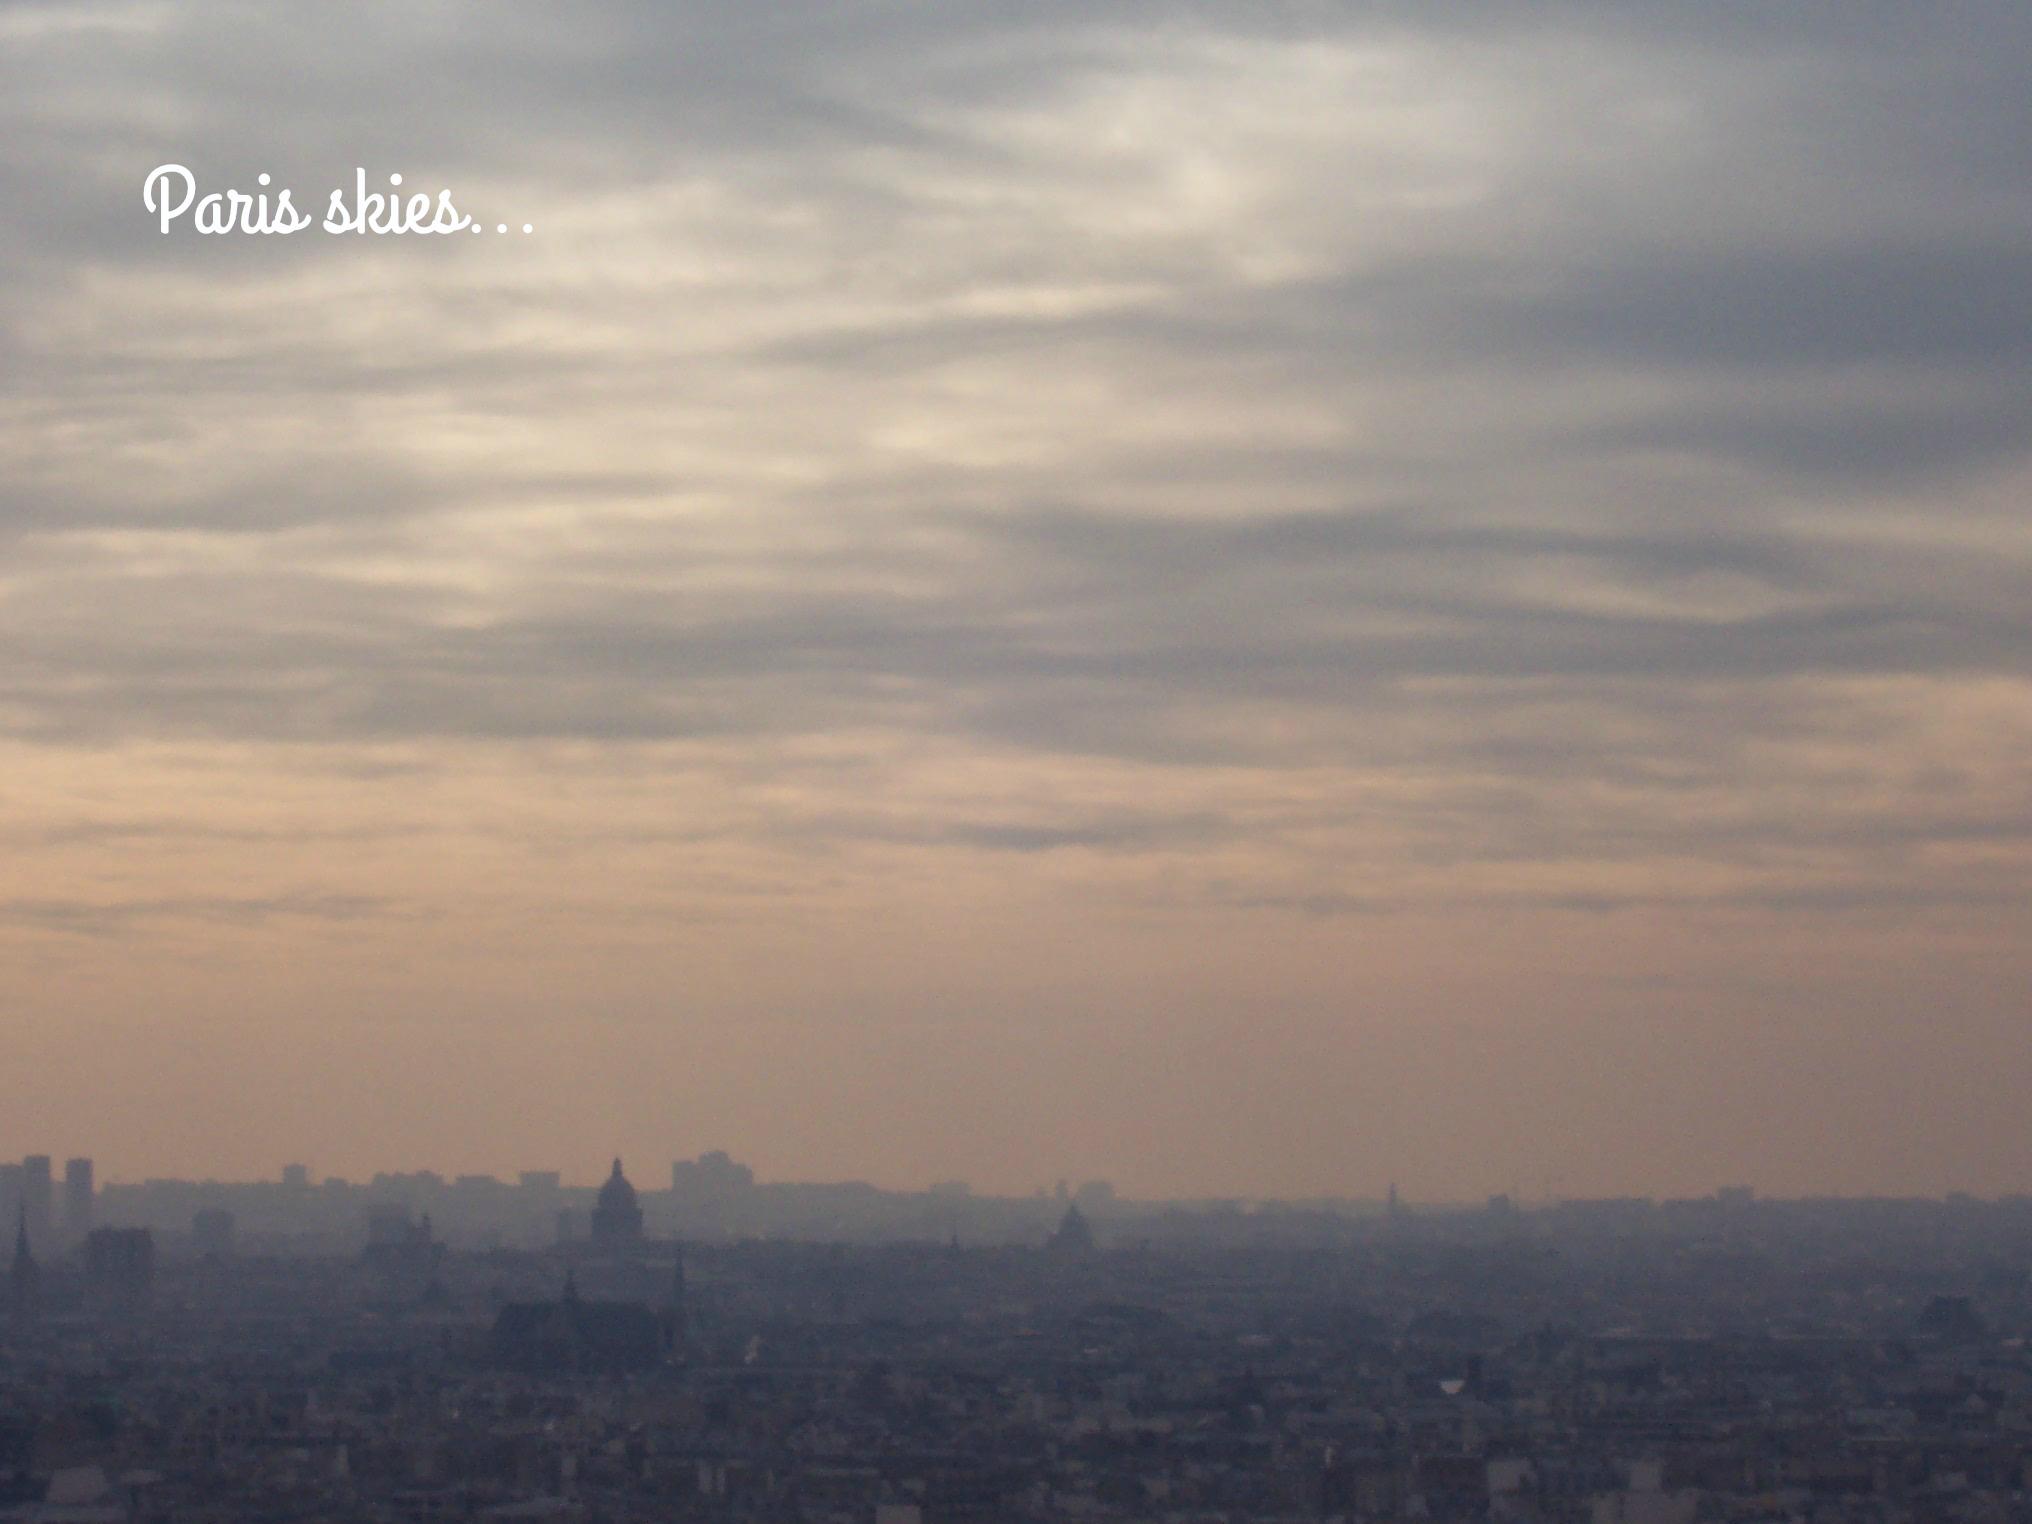 paris skies 3